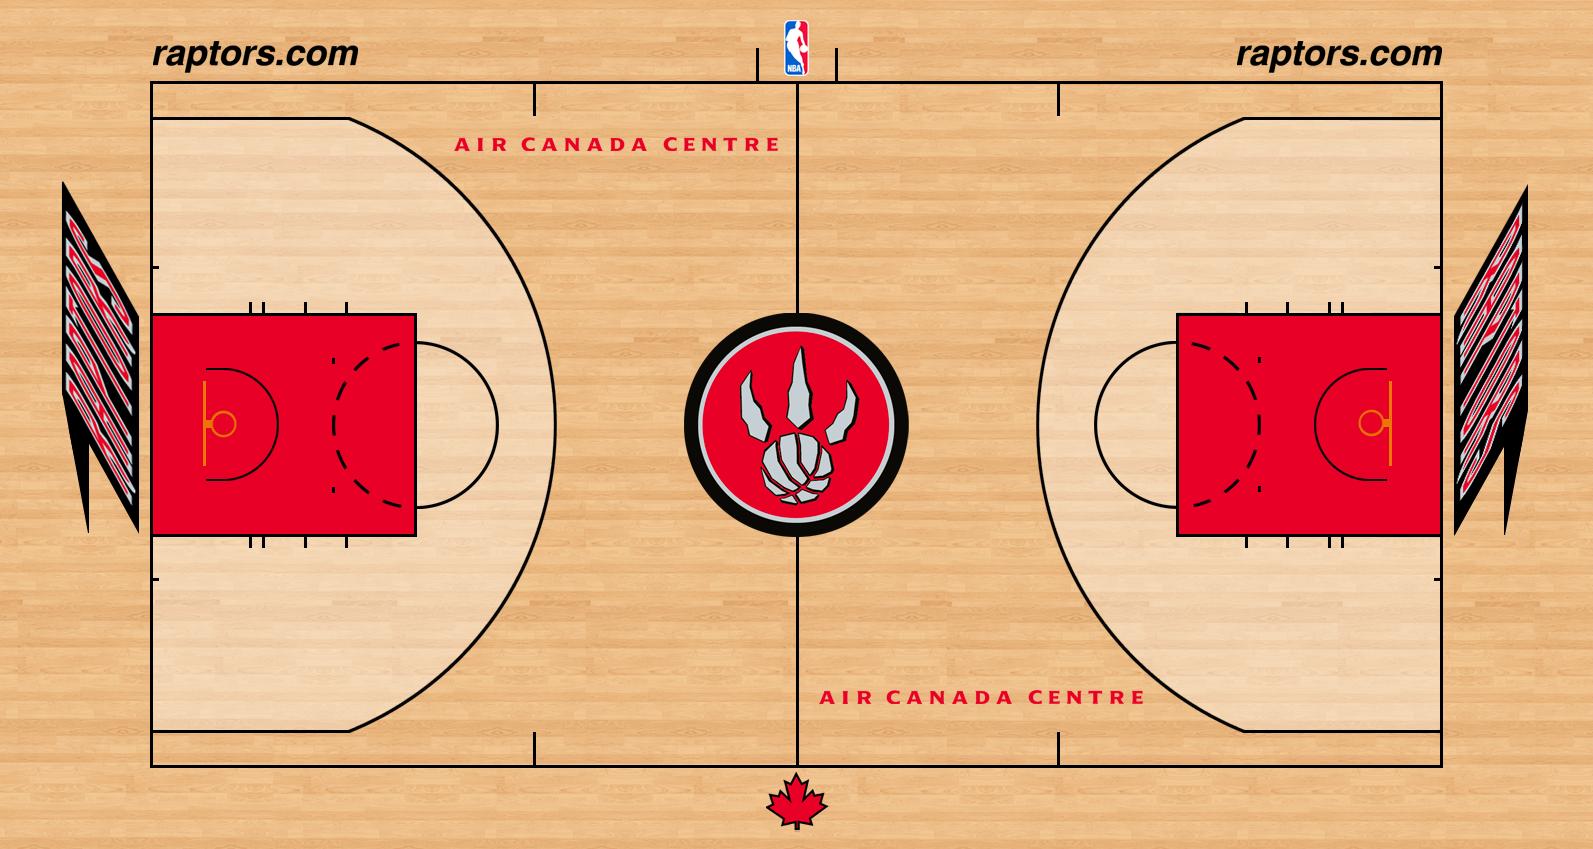 Toronto Raptors Playing Surface Playing Surface (2012/13-2013/14) - Toronto Raptors home court surface - Air Canada Centre SportsLogos.Net